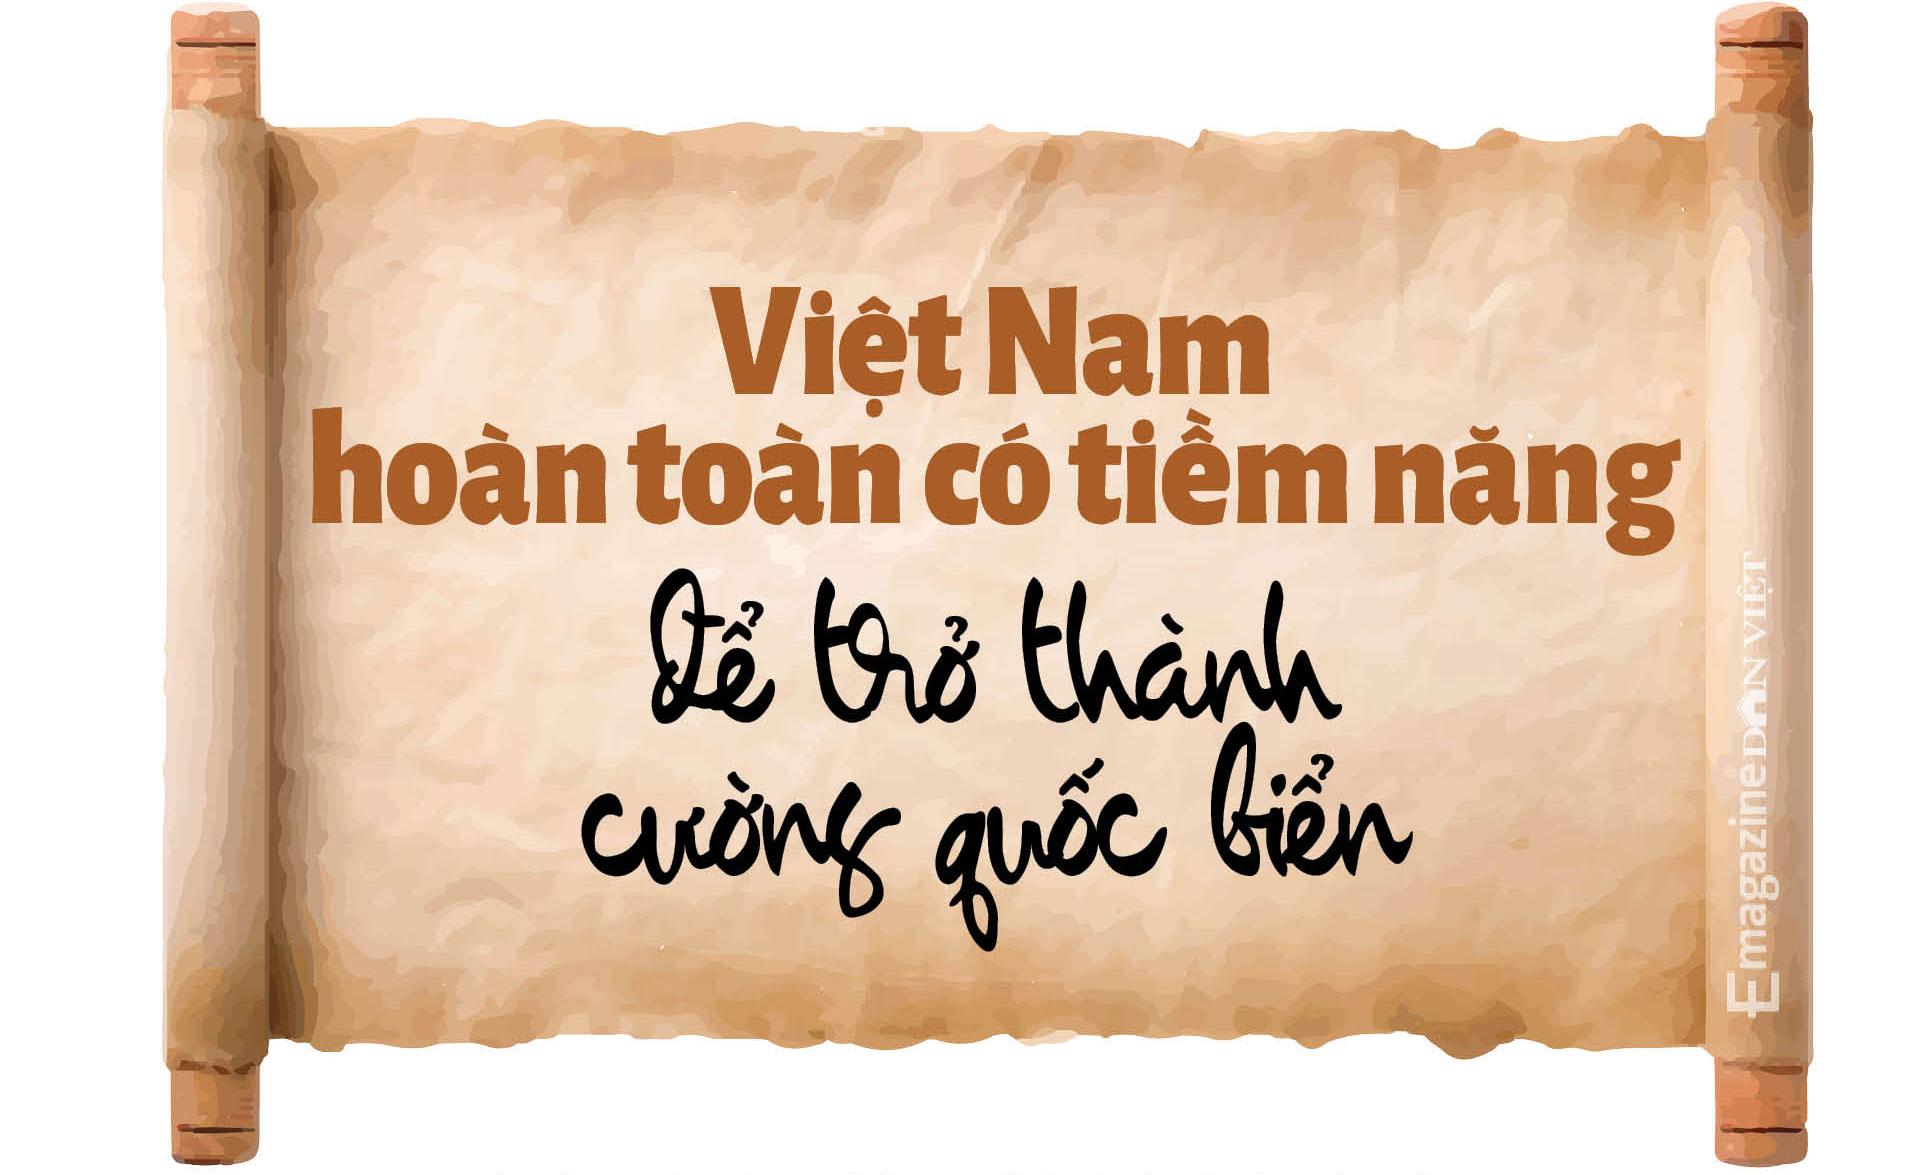 Tiến sĩ sử học Nguyễn Nhã: Muốn bảo vệ chủ quyền, không gì hay hơn là trở thành cường quốc biển  - Ảnh 9.